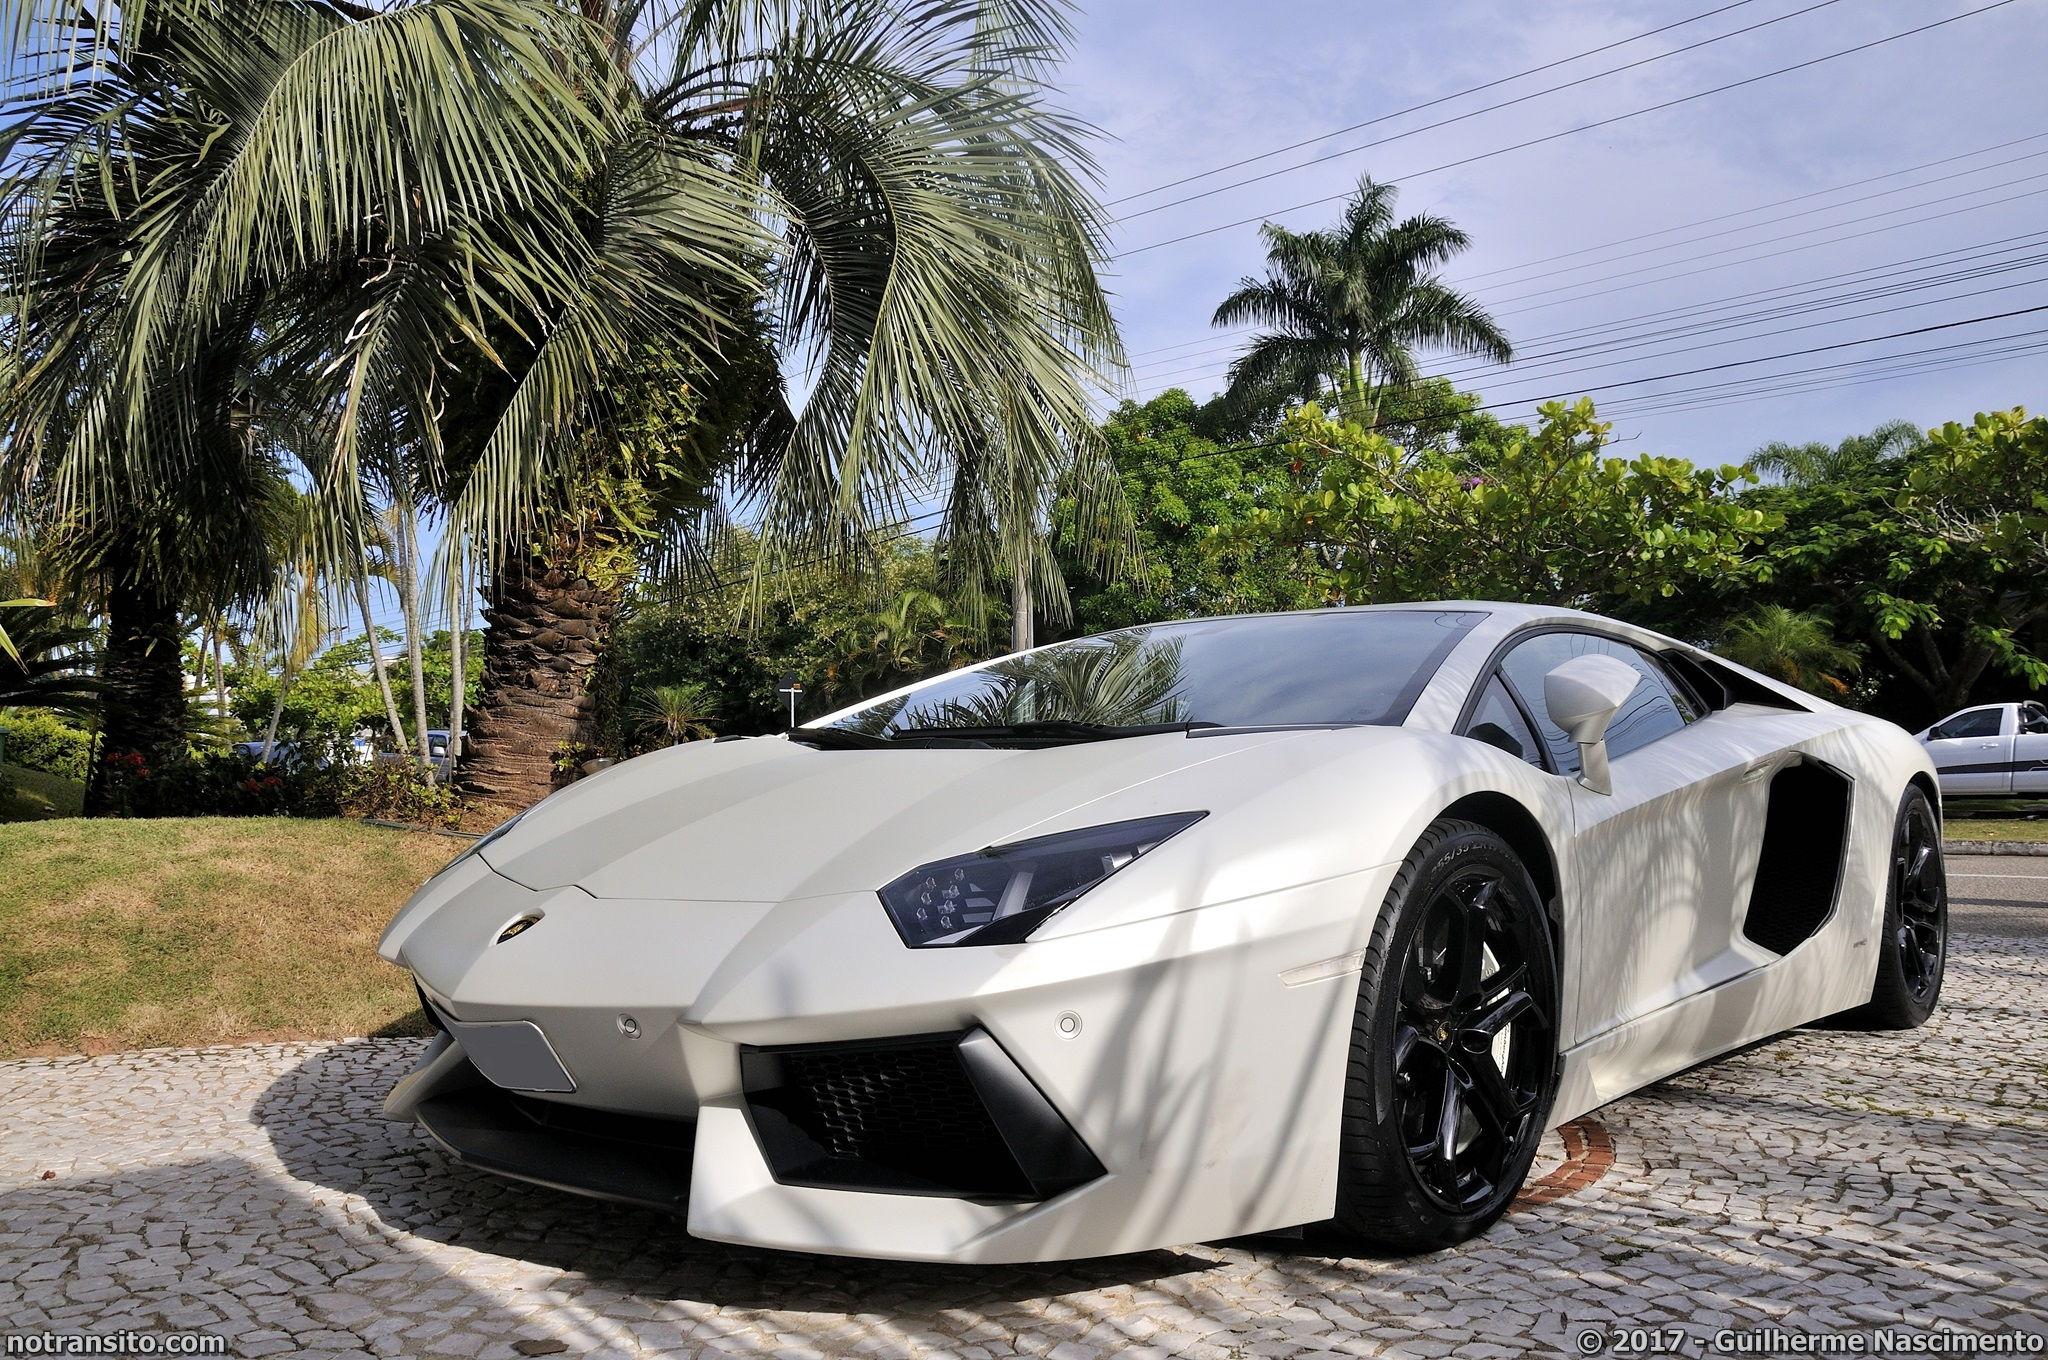 Lamborghini-Aventador-LP-700-4-McLaren-MP4-12C-008